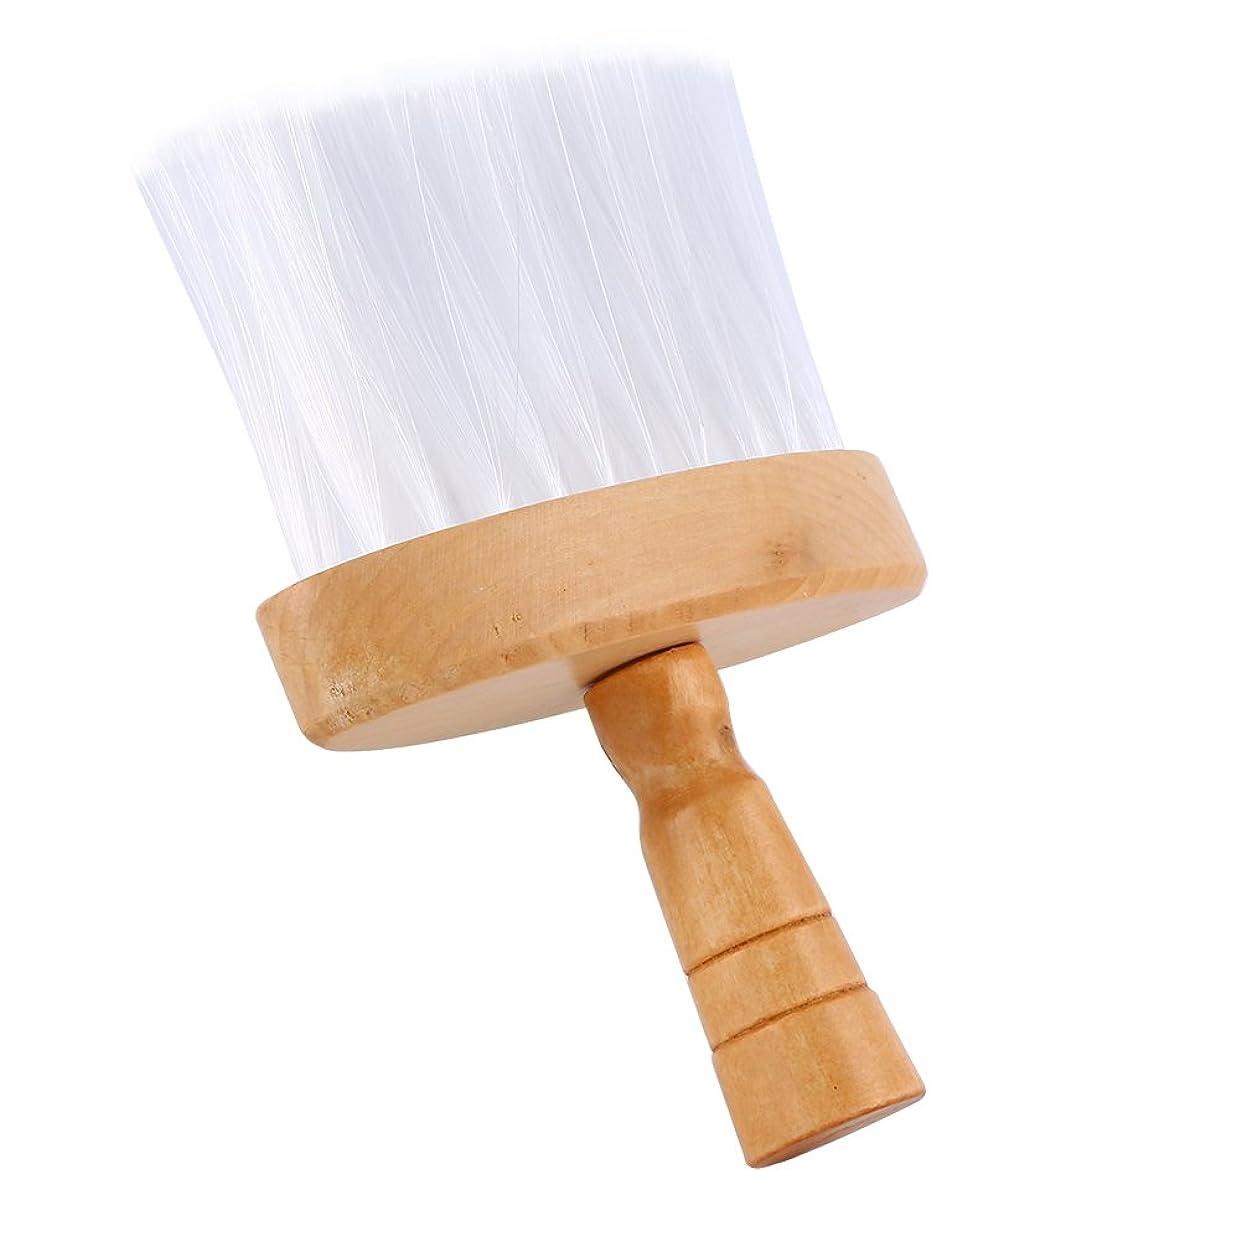 散らす意味シェフヘアブラシ 毛払いブラシ 木製ハンドル 散髪 髪切り 散髪用ツール 床屋 理髪店 美容院 ソフトブラシ ナイロン